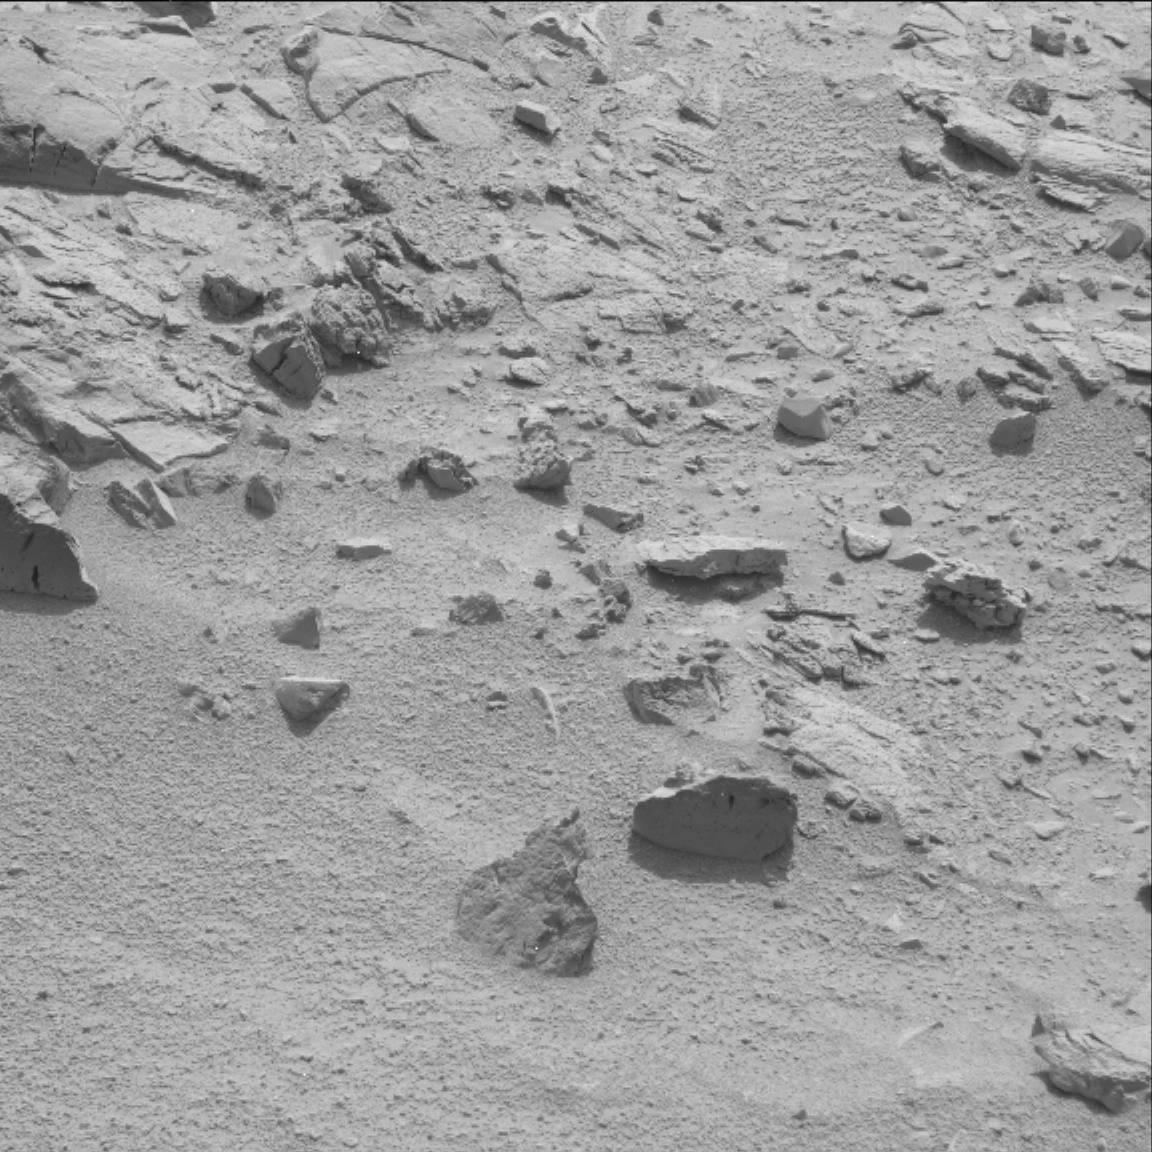 rover 75 mars - photo #22